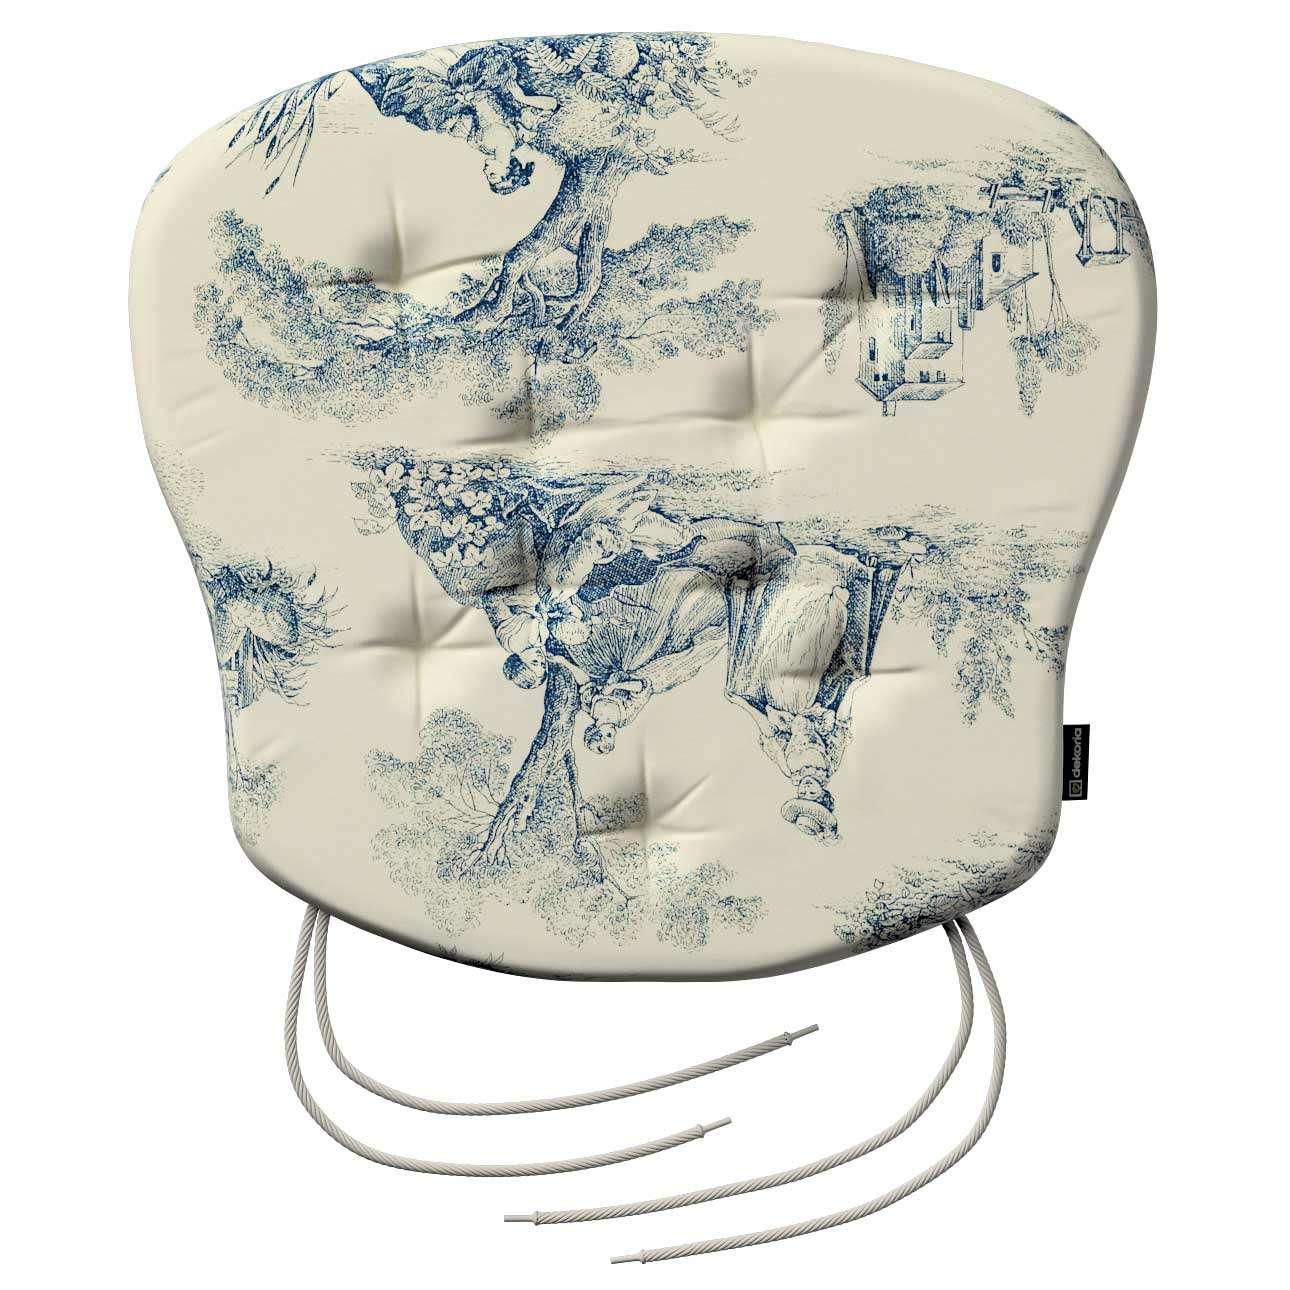 Siedzisko Filip na krzesło 41x38x3,5 cm w kolekcji Avinon, tkanina: 132-66